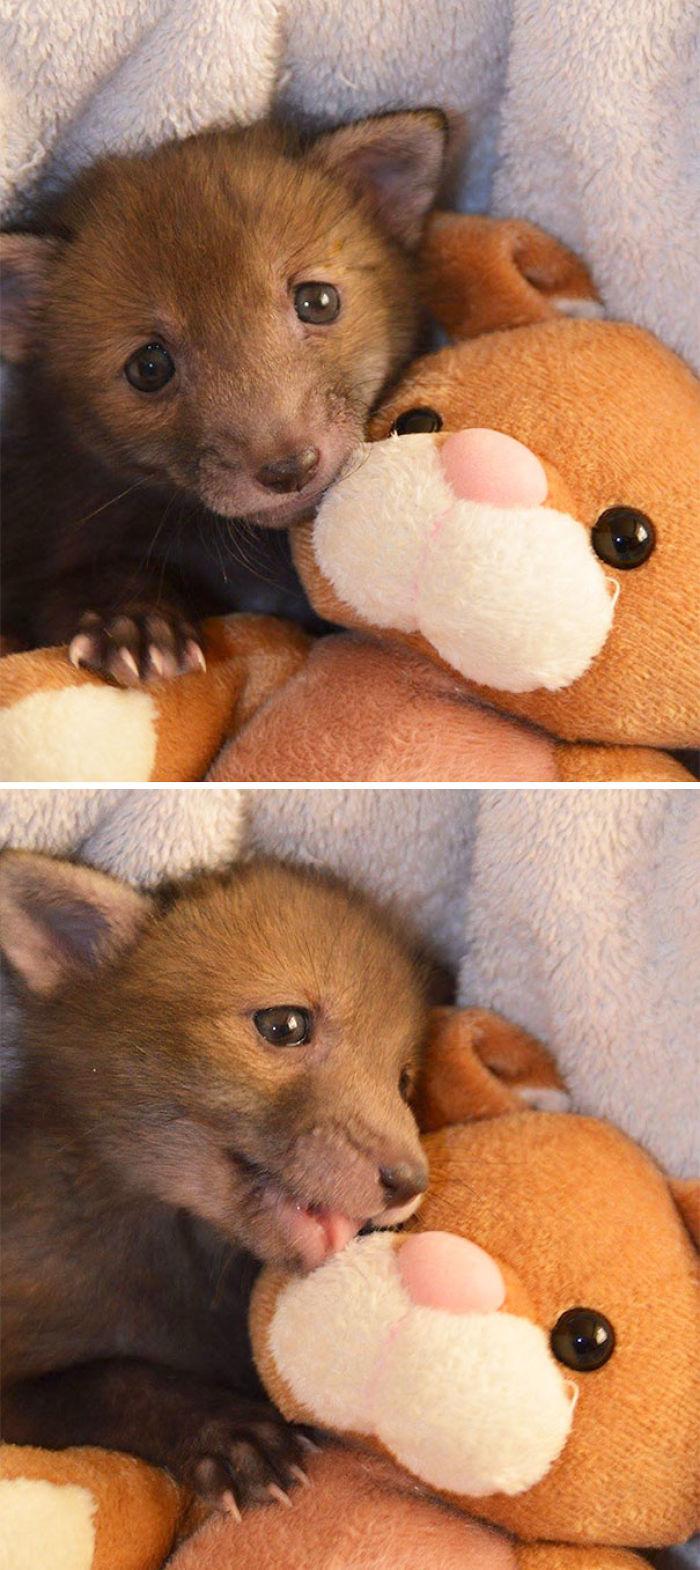 Zorro rescatado con su conejo de peluche